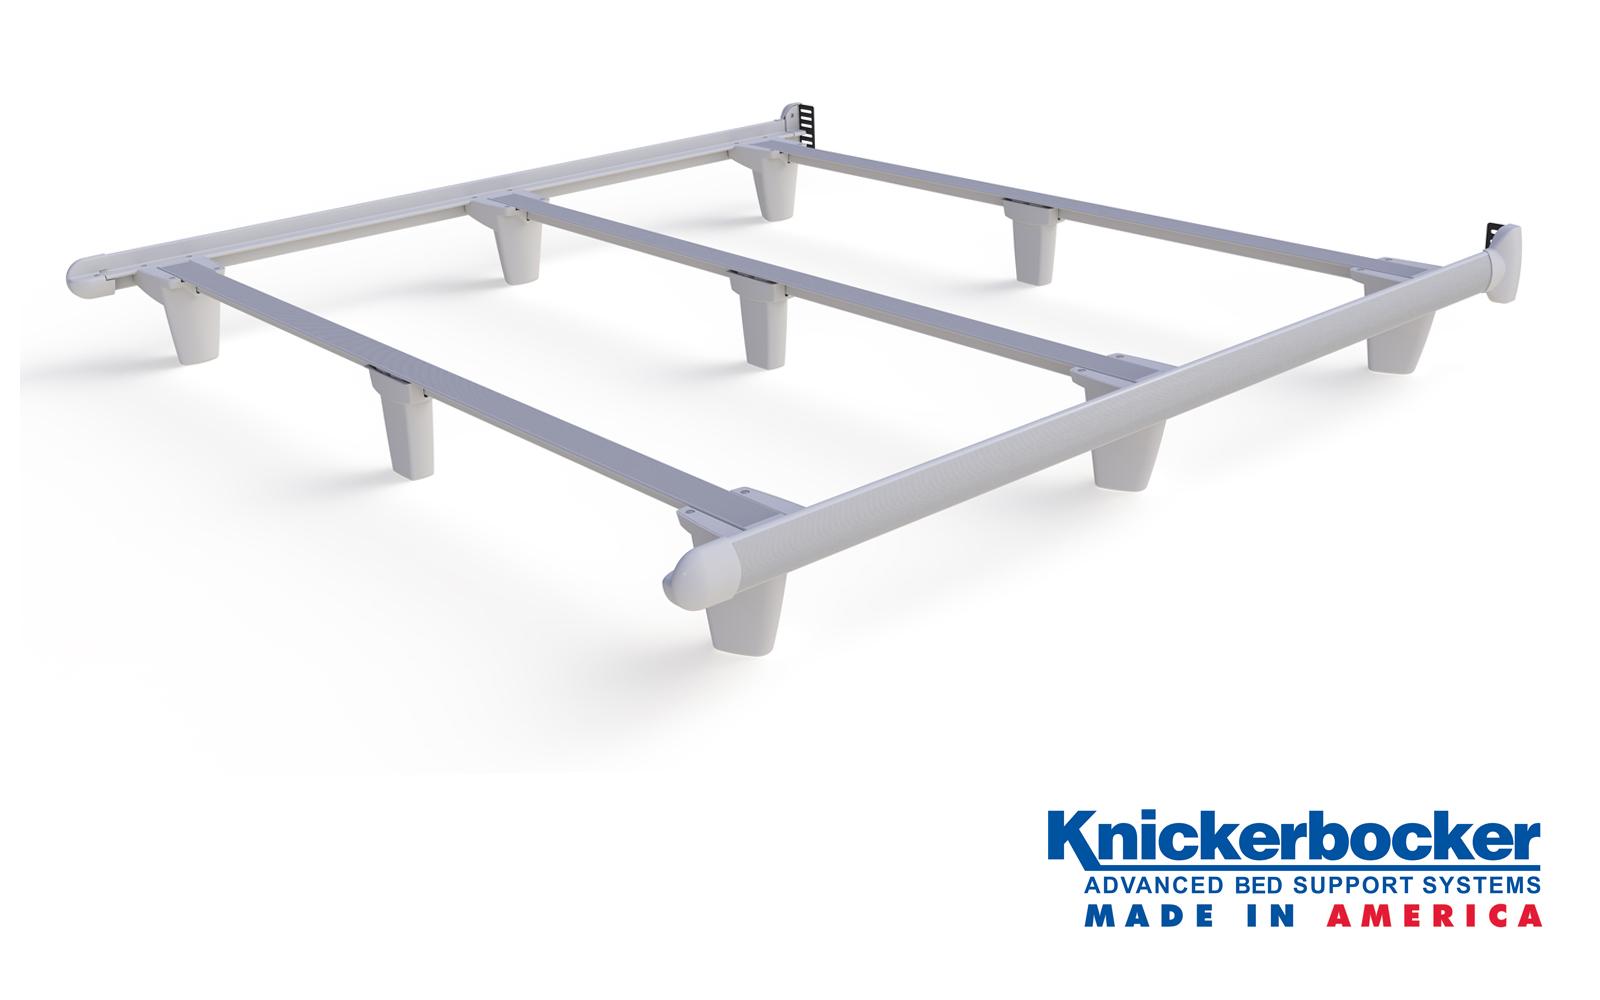 Bed frame king size embrace bed frame king size embrace bed frame king - Cal King Embrace Bed Frame